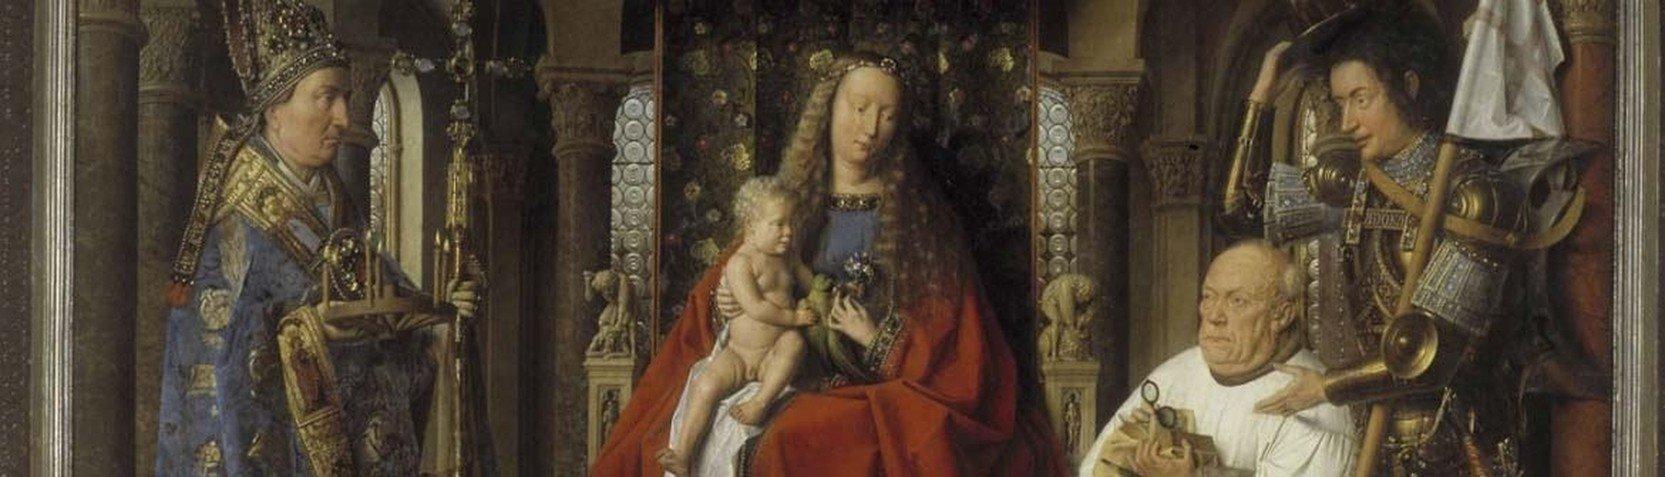 Künstler - Jan van Eyck